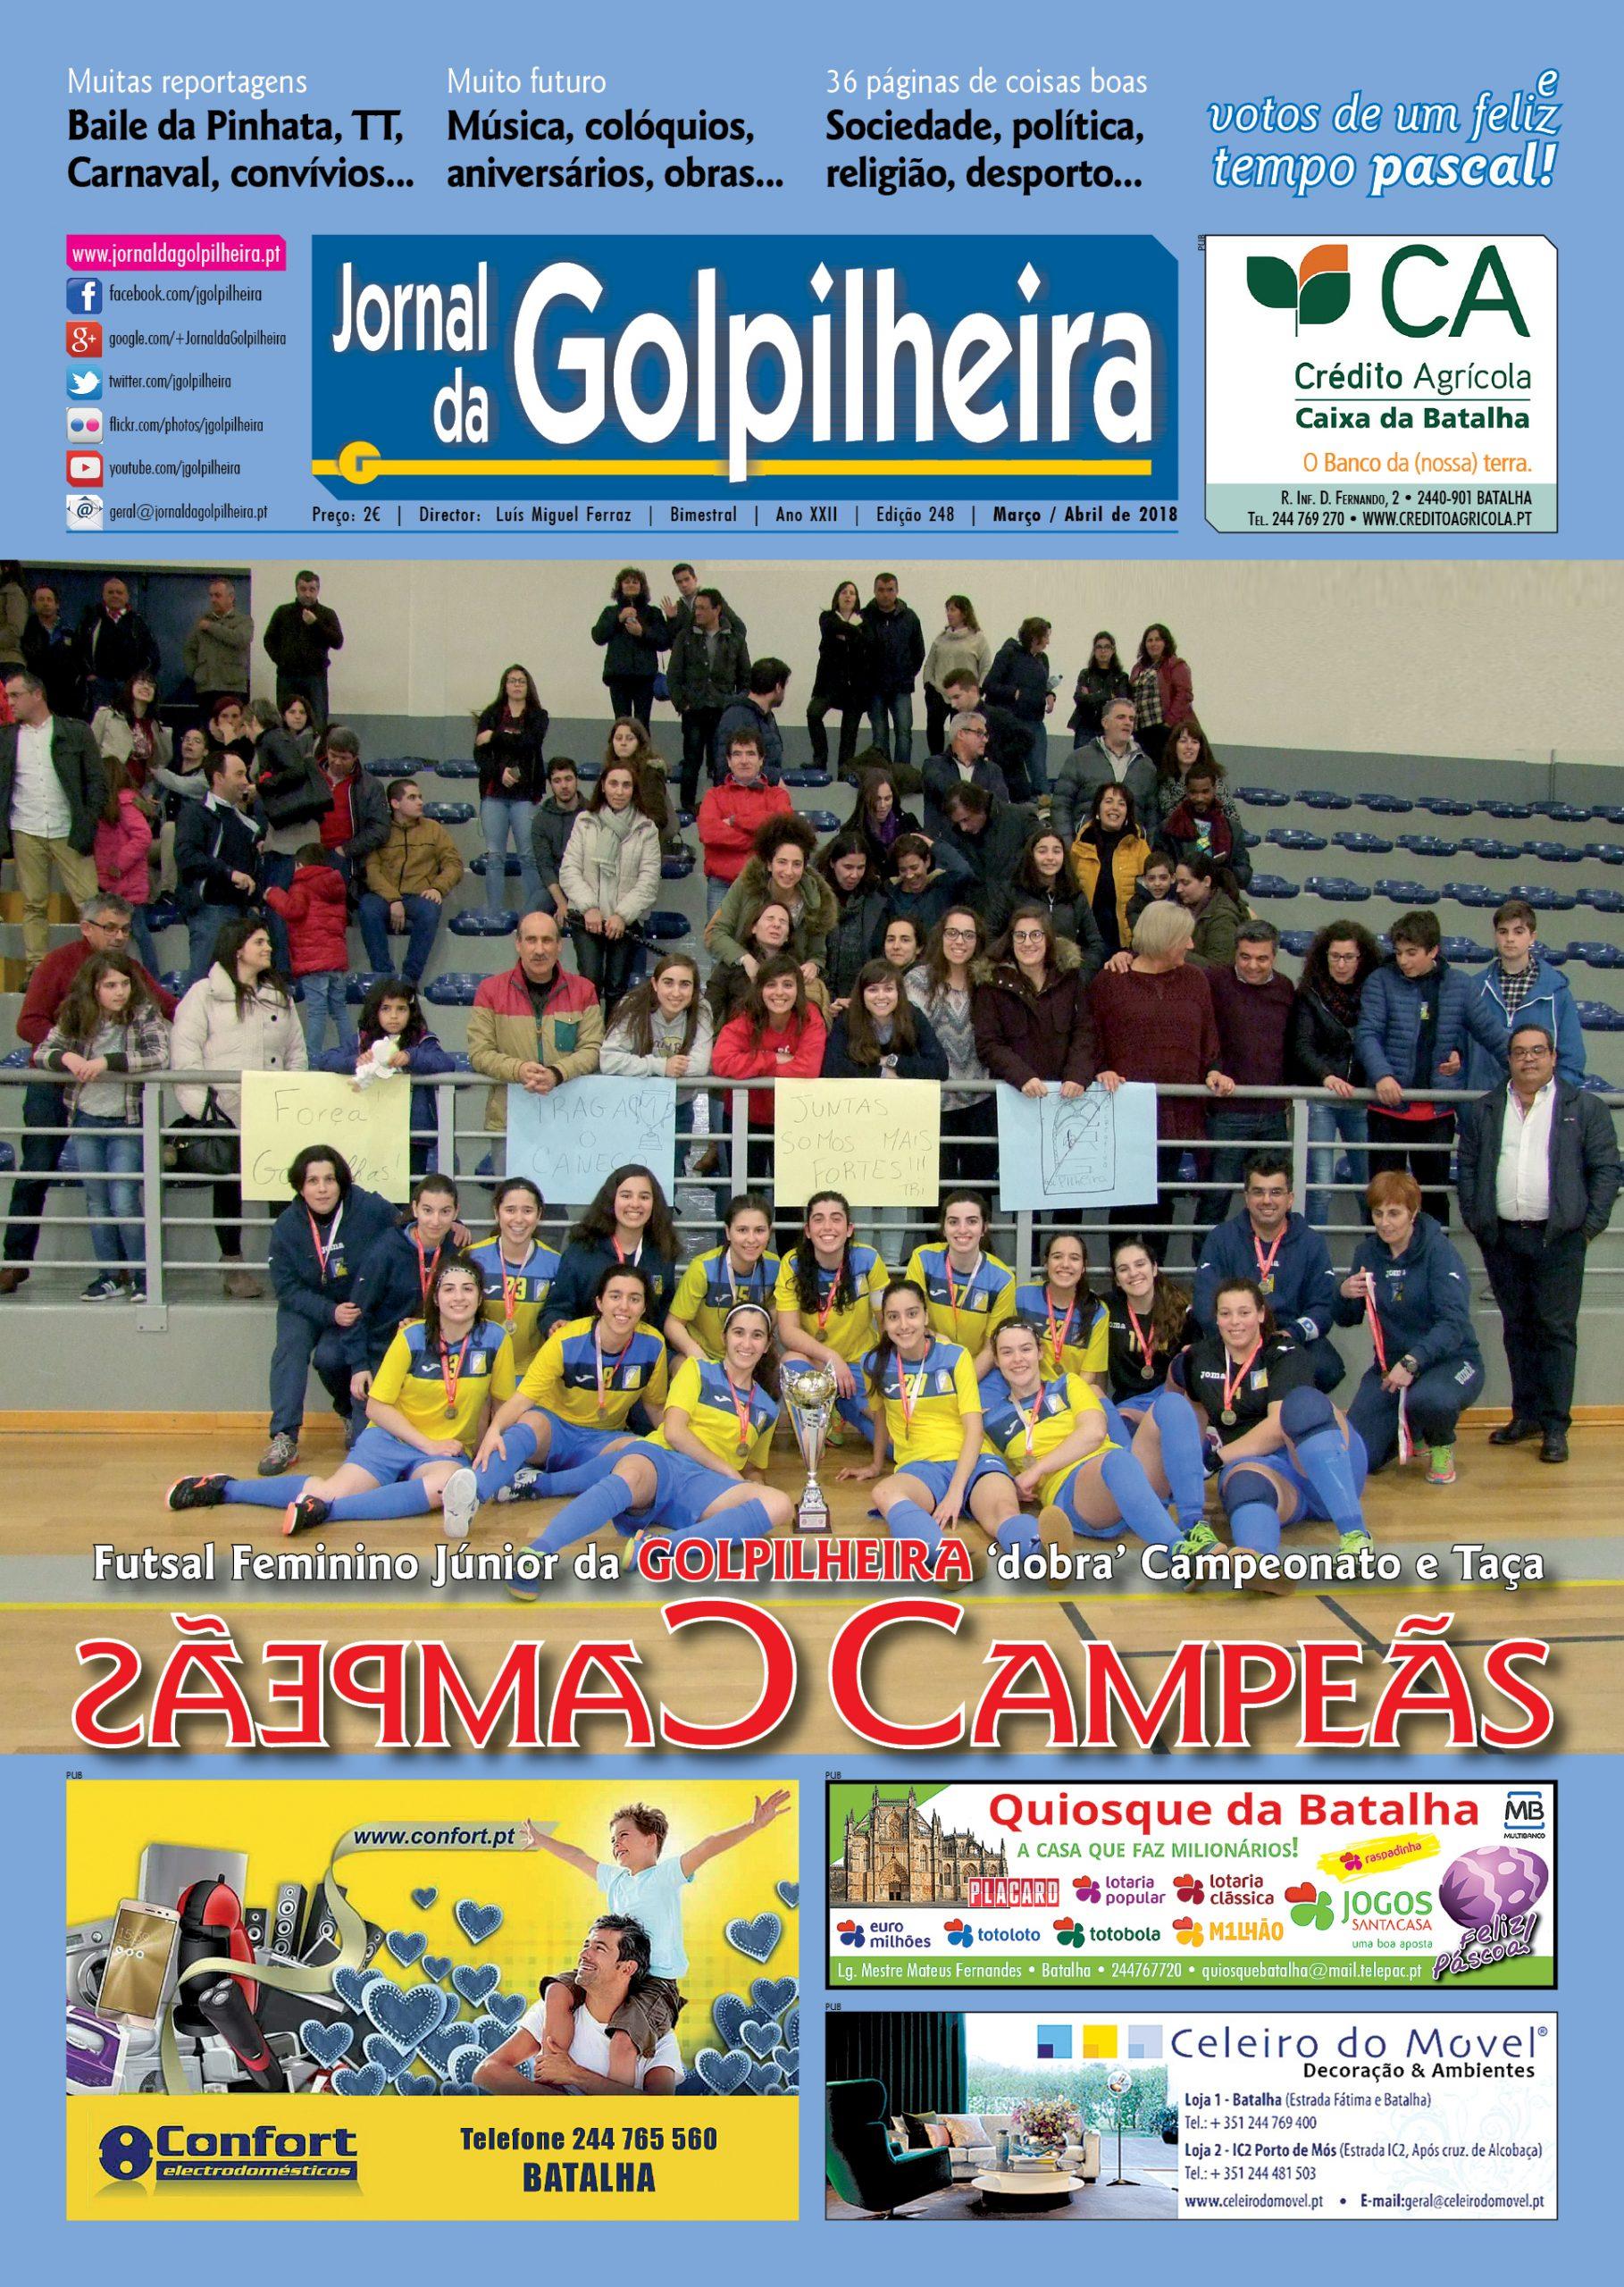 Edição 248 – Março/Abril de 2018 (1.ª Página)